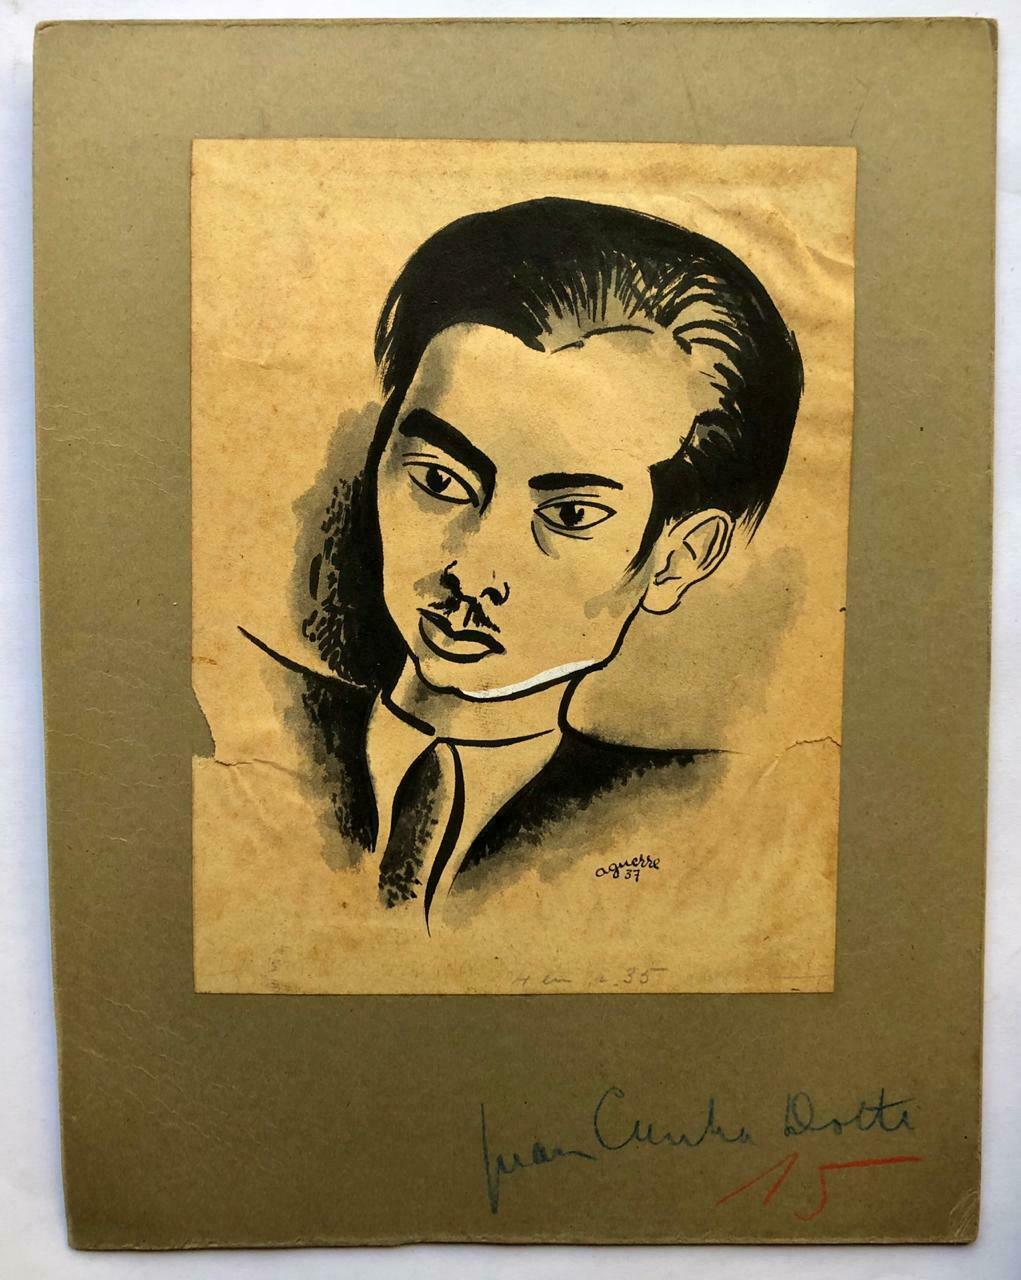 Retrato_del_poeta_uruguayo_Juan_Cunha_Dotti_Ricardo_Aguerre_18971967_Bon